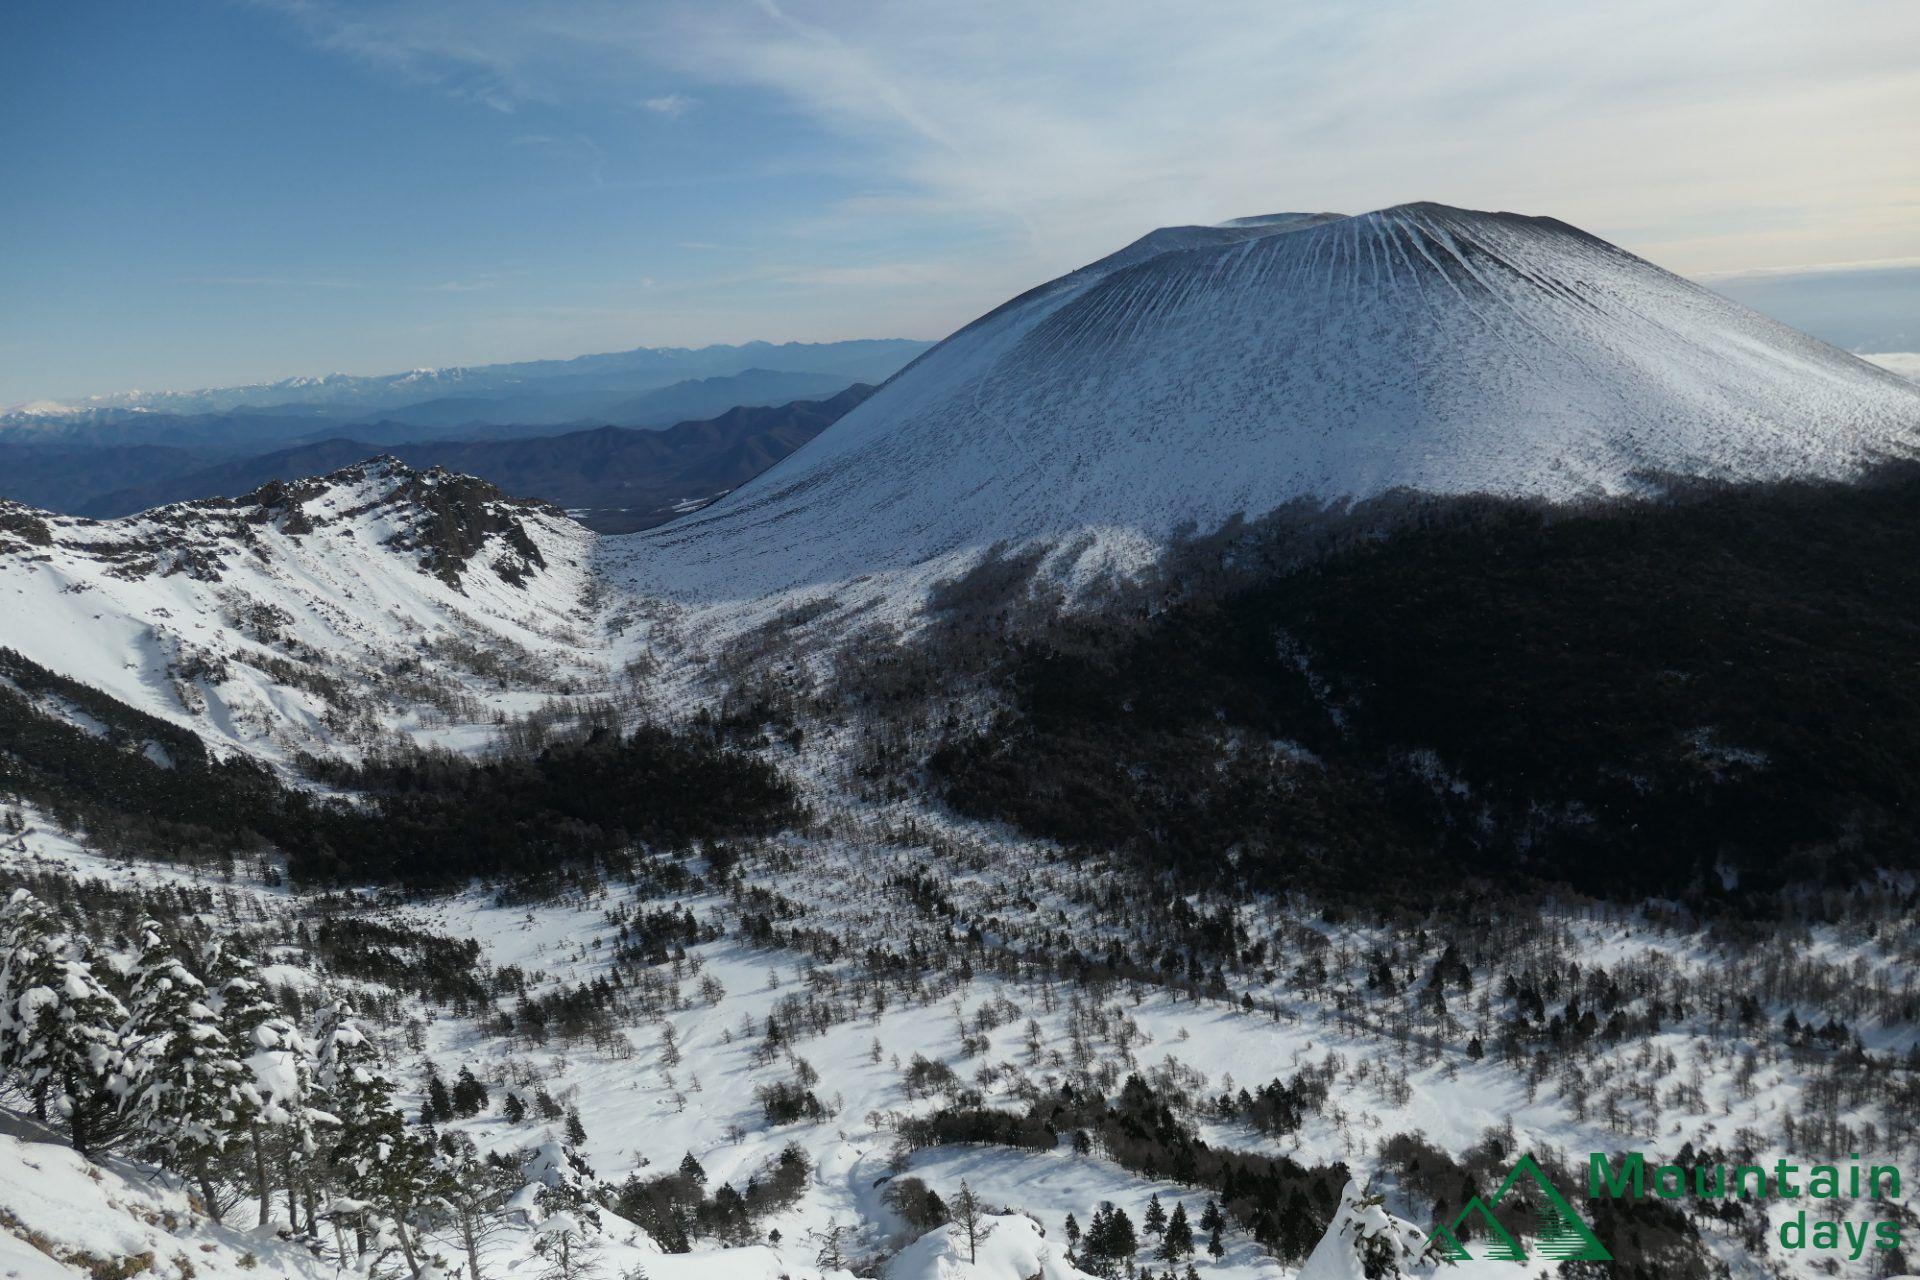 雪山登山を始めるとまずは行ってみたくなるのが浅間外輪の山、黒斑山。蛇骨岳、仙人岳と簡単な稜線歩きも楽しめて雪山の魅力も存分に味わえるのでオススメです!